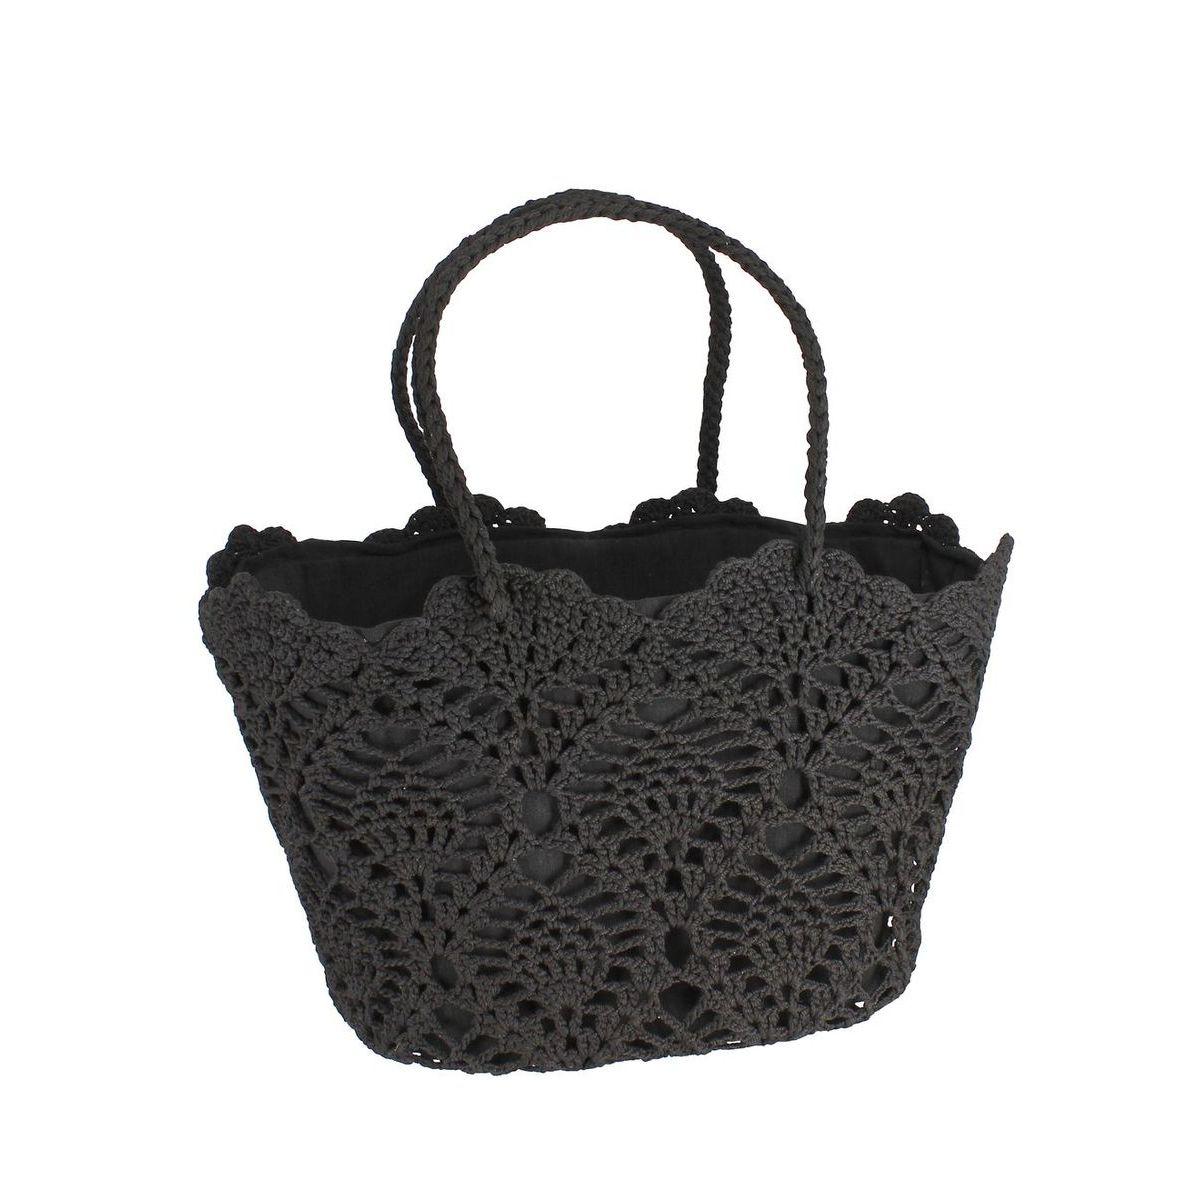 Panier en crochet souple noir